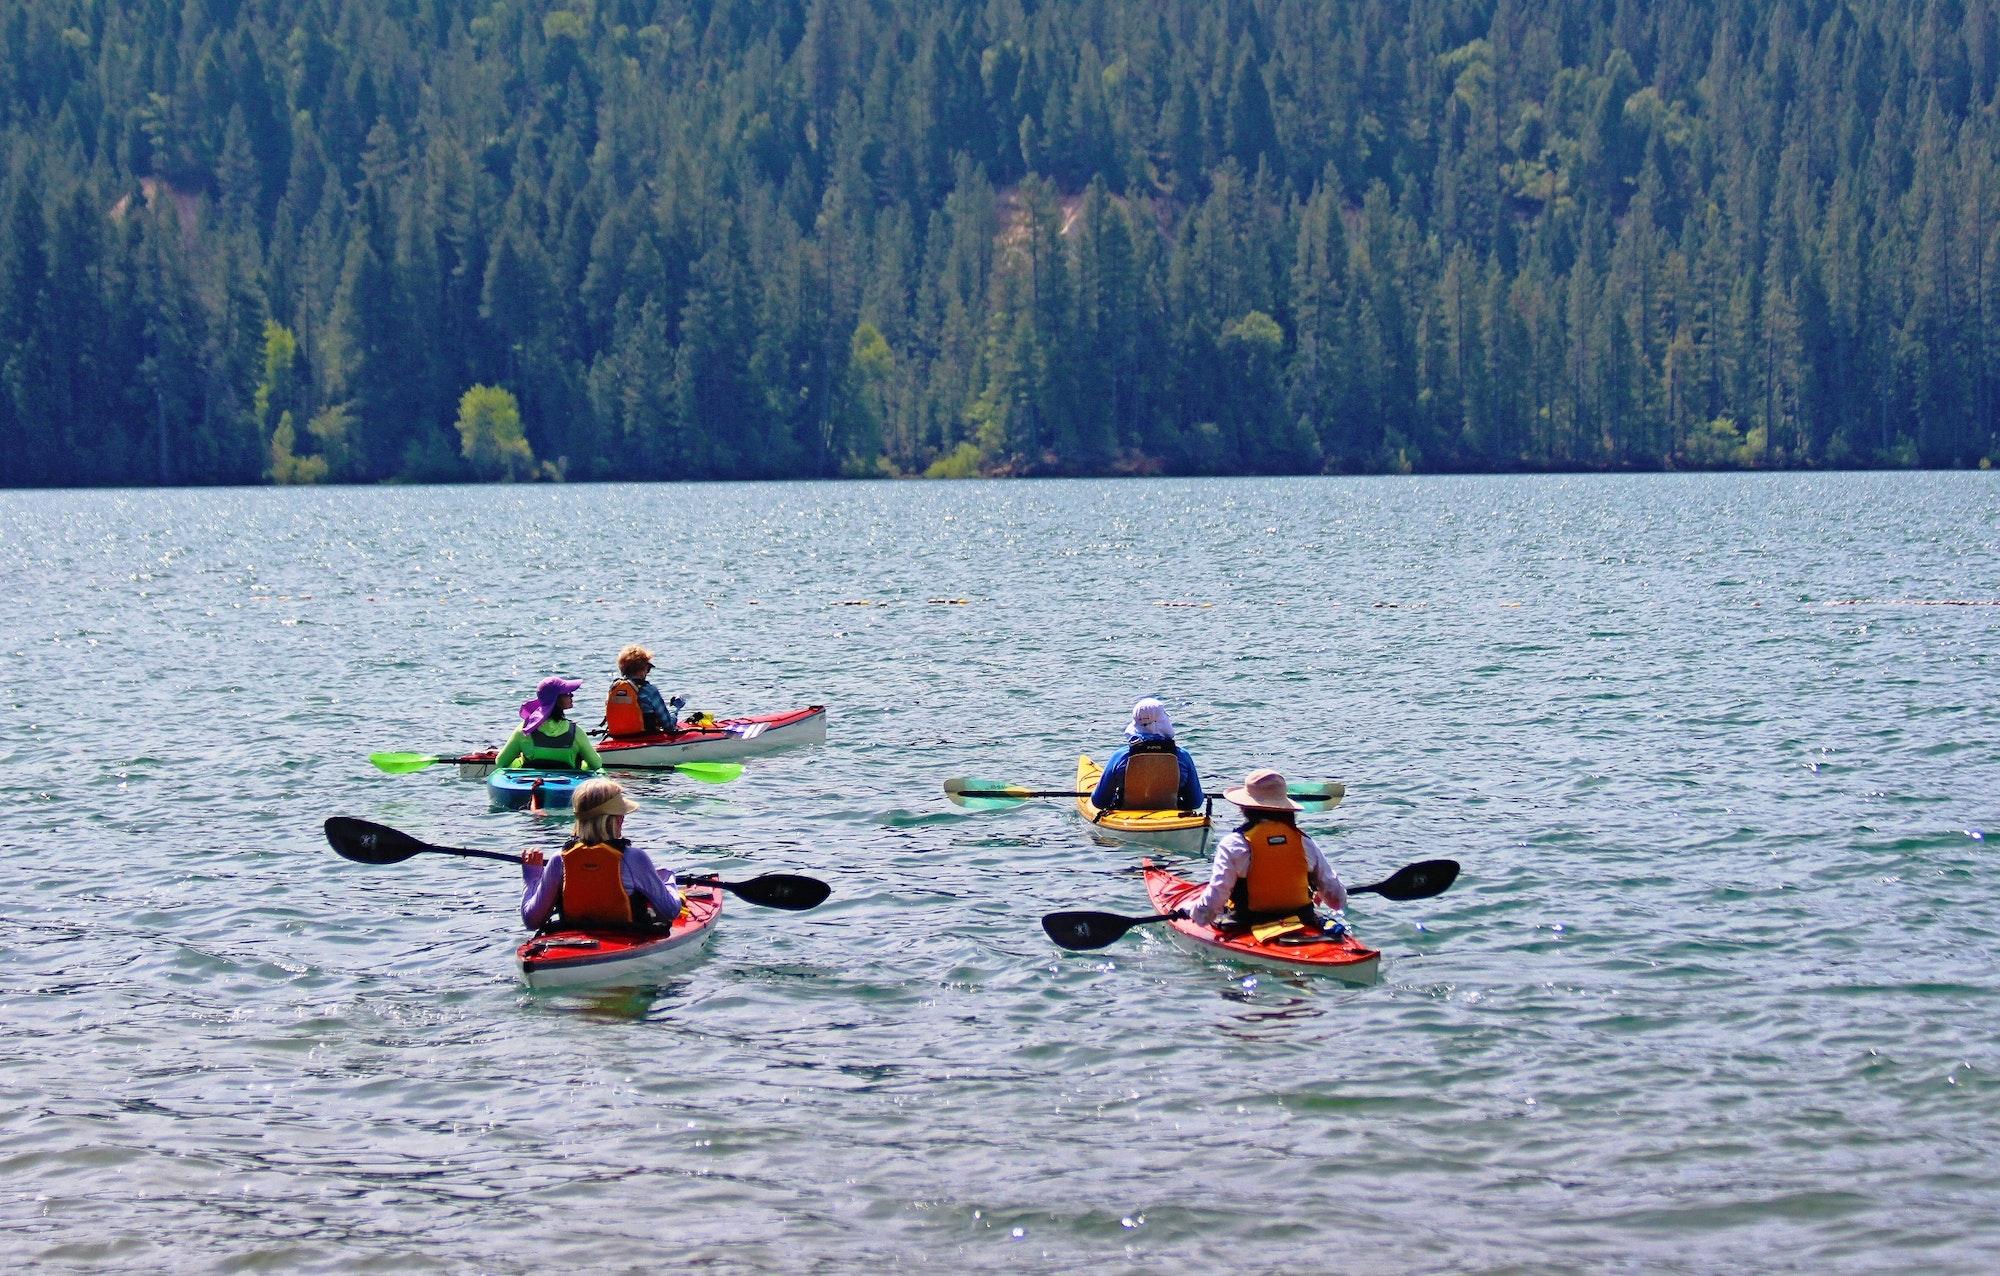 May contain: person, human, boat, vehicle, transportation, kayak, rowboat, and canoe